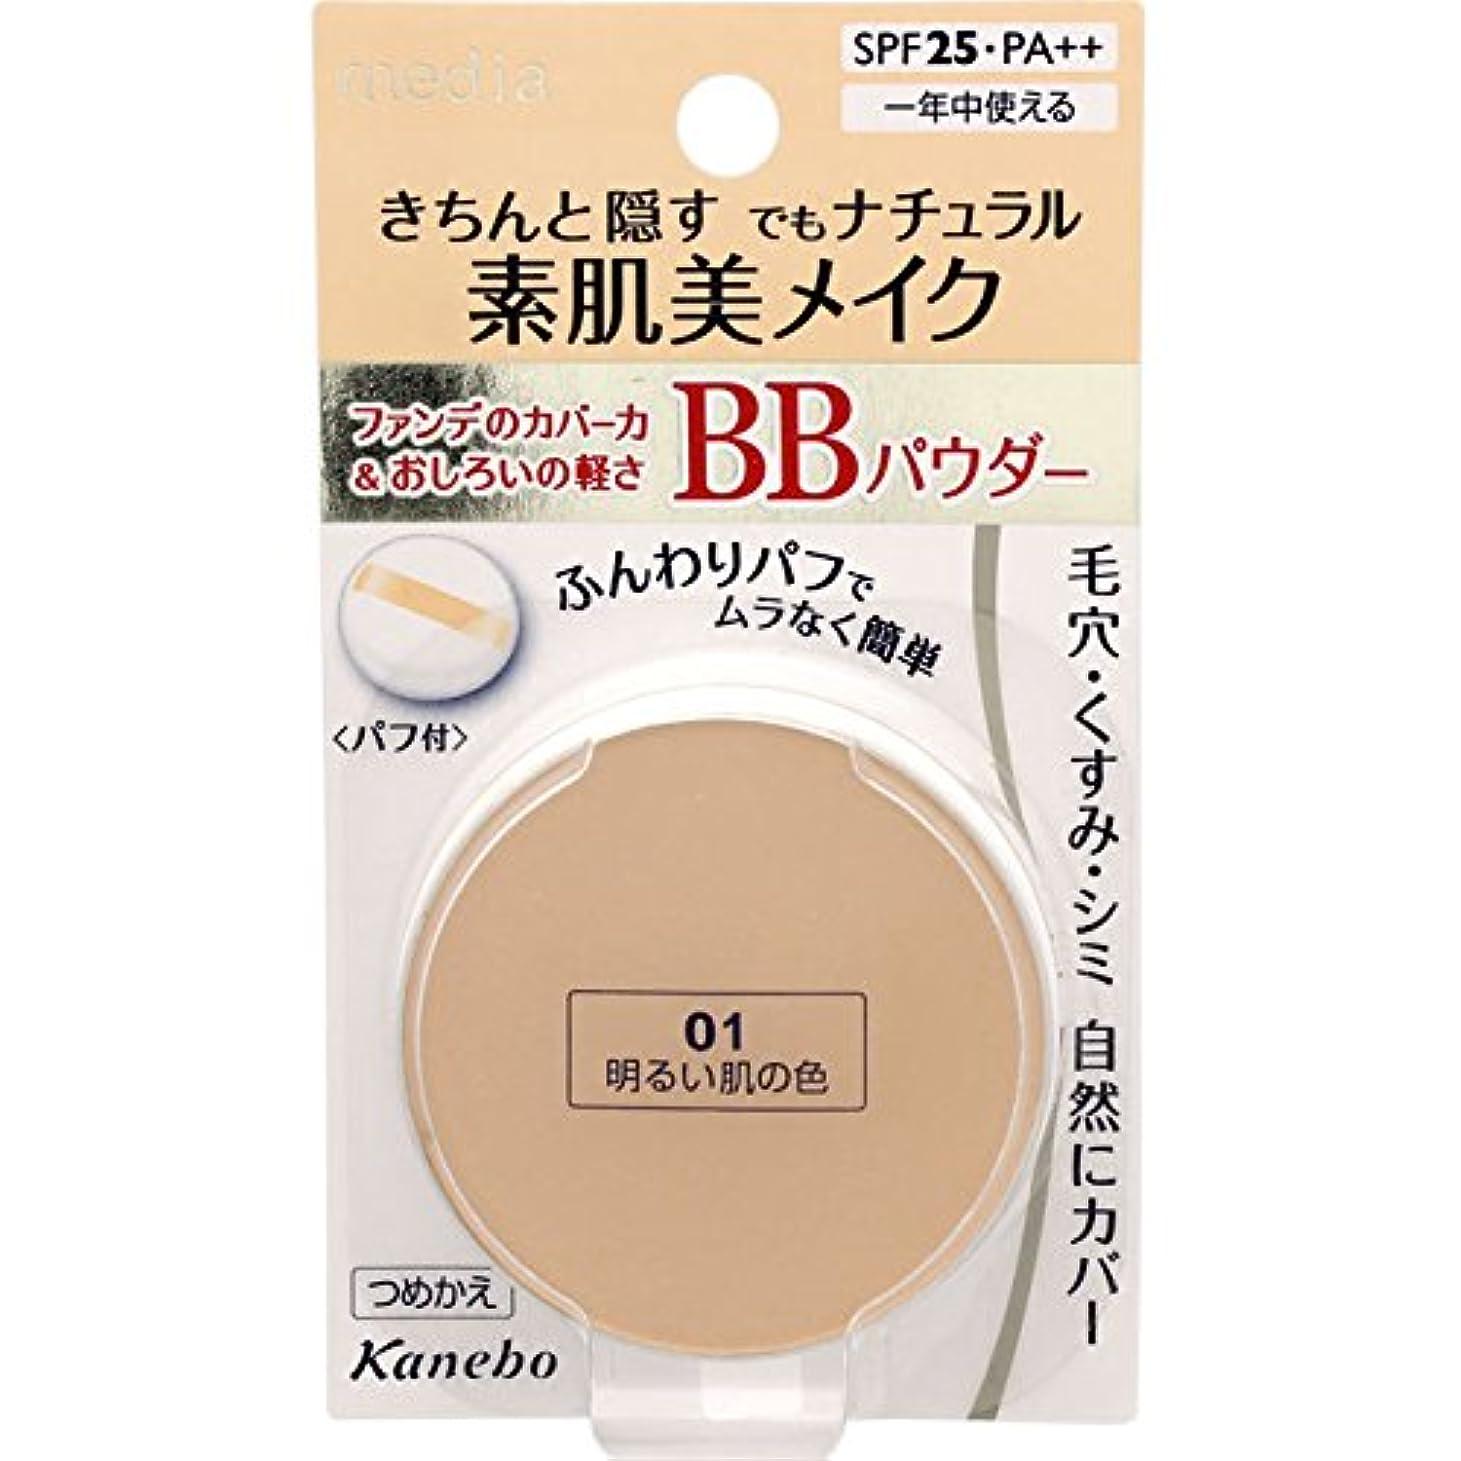 意志ミント優しさメディアBBパウダー01(明るい肌の色)×3